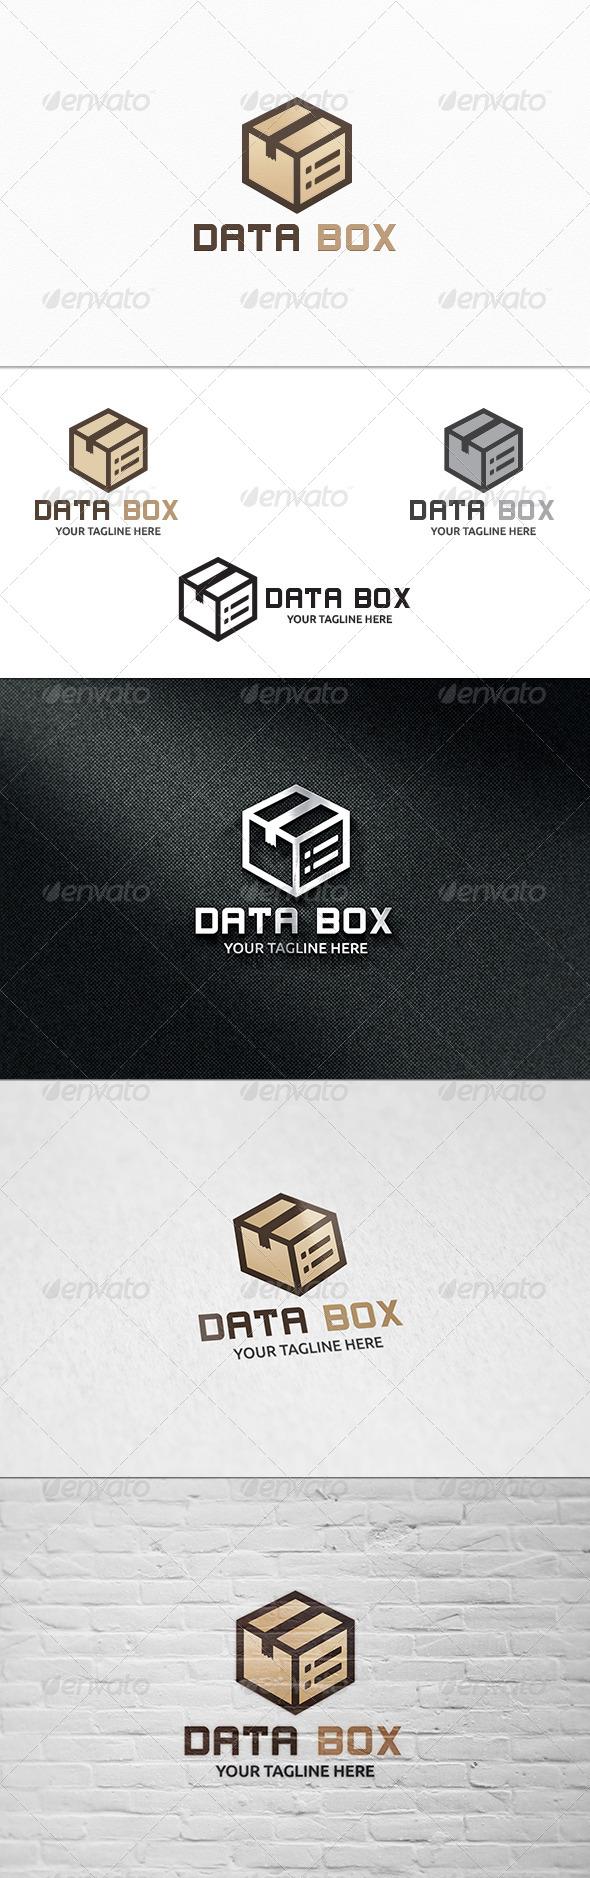 Data Box Logo Template